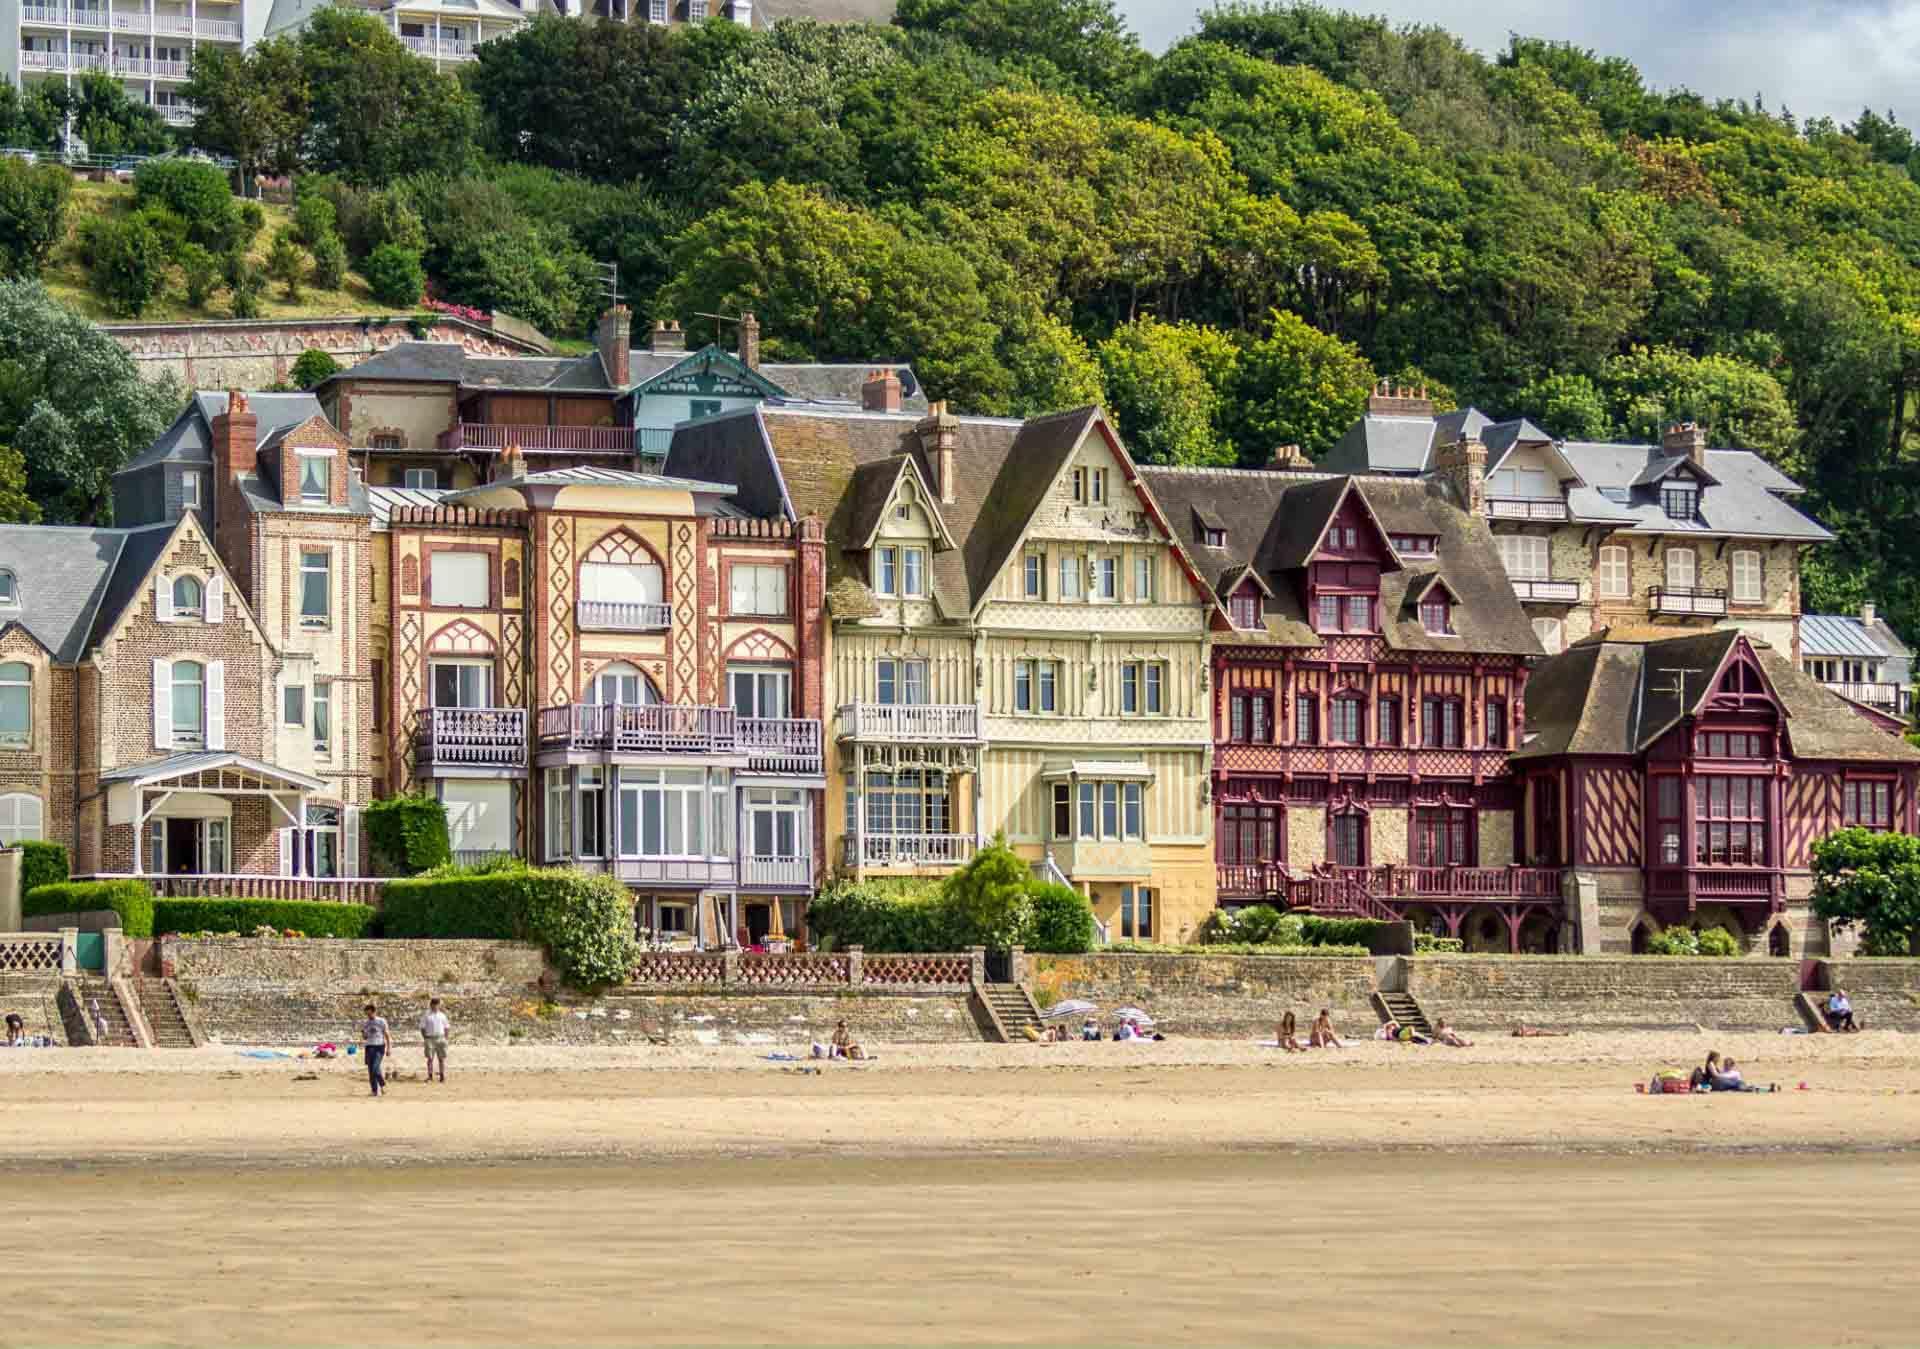 Le front de mer de Trouville et ses villas Belle Epoques © Office de tourisme de Trouville-sur-mer